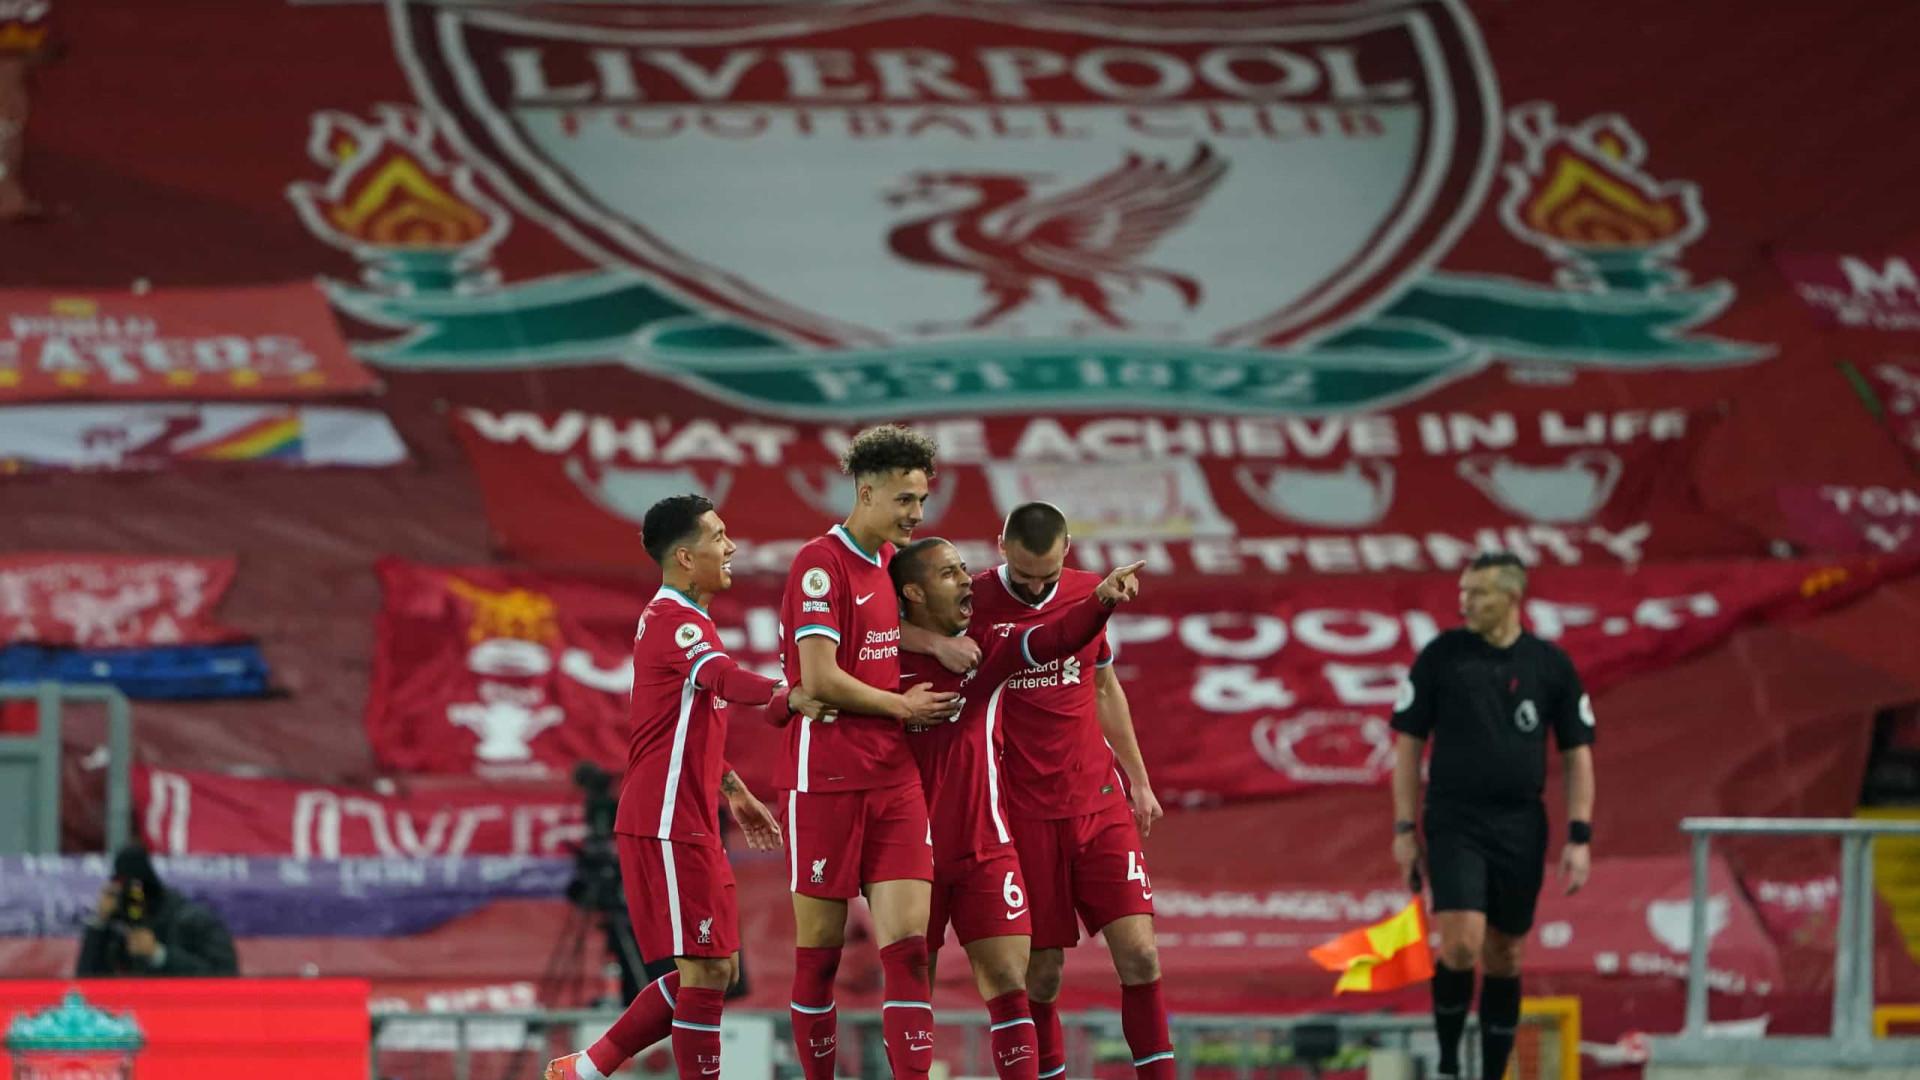 Com gol de Thiago Alcântara, Liverpool vence Southampton e reage no Inglês